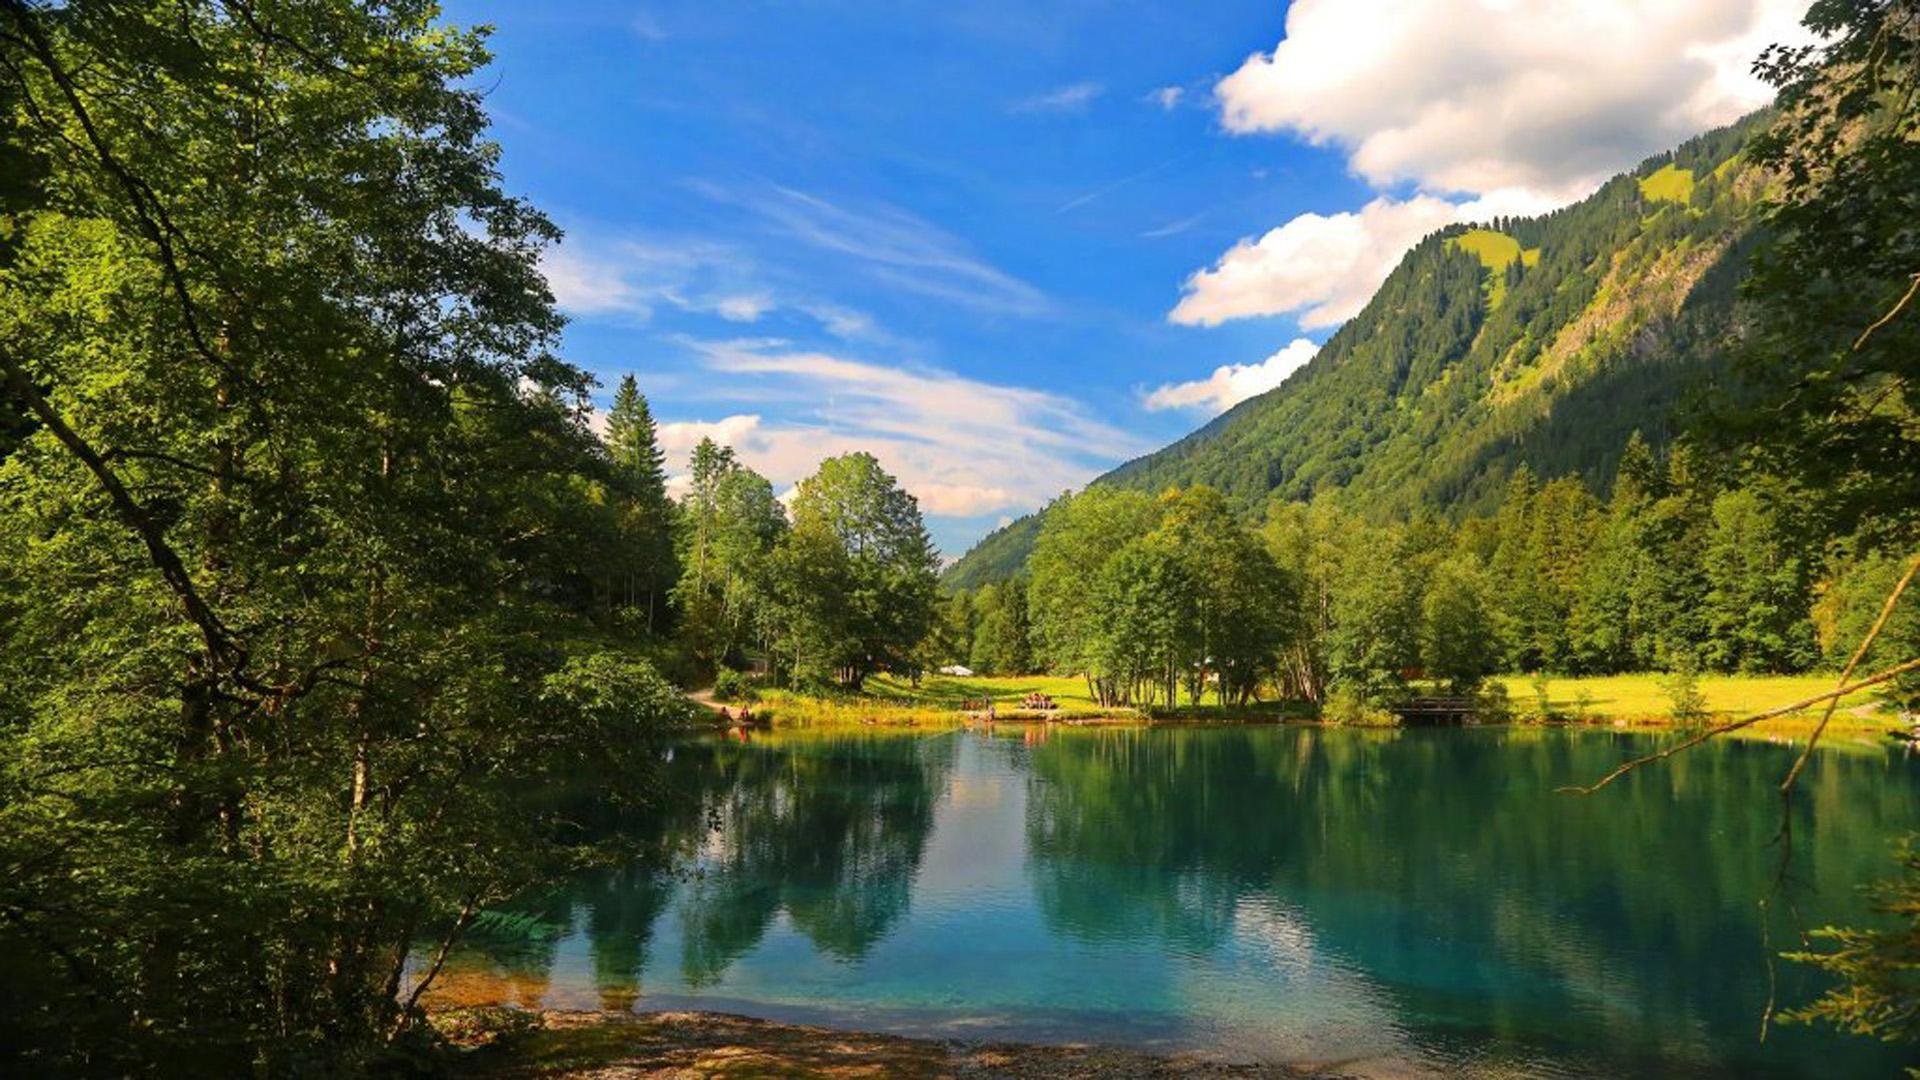 Cảnh đẹp bên hồ nước trong vắt